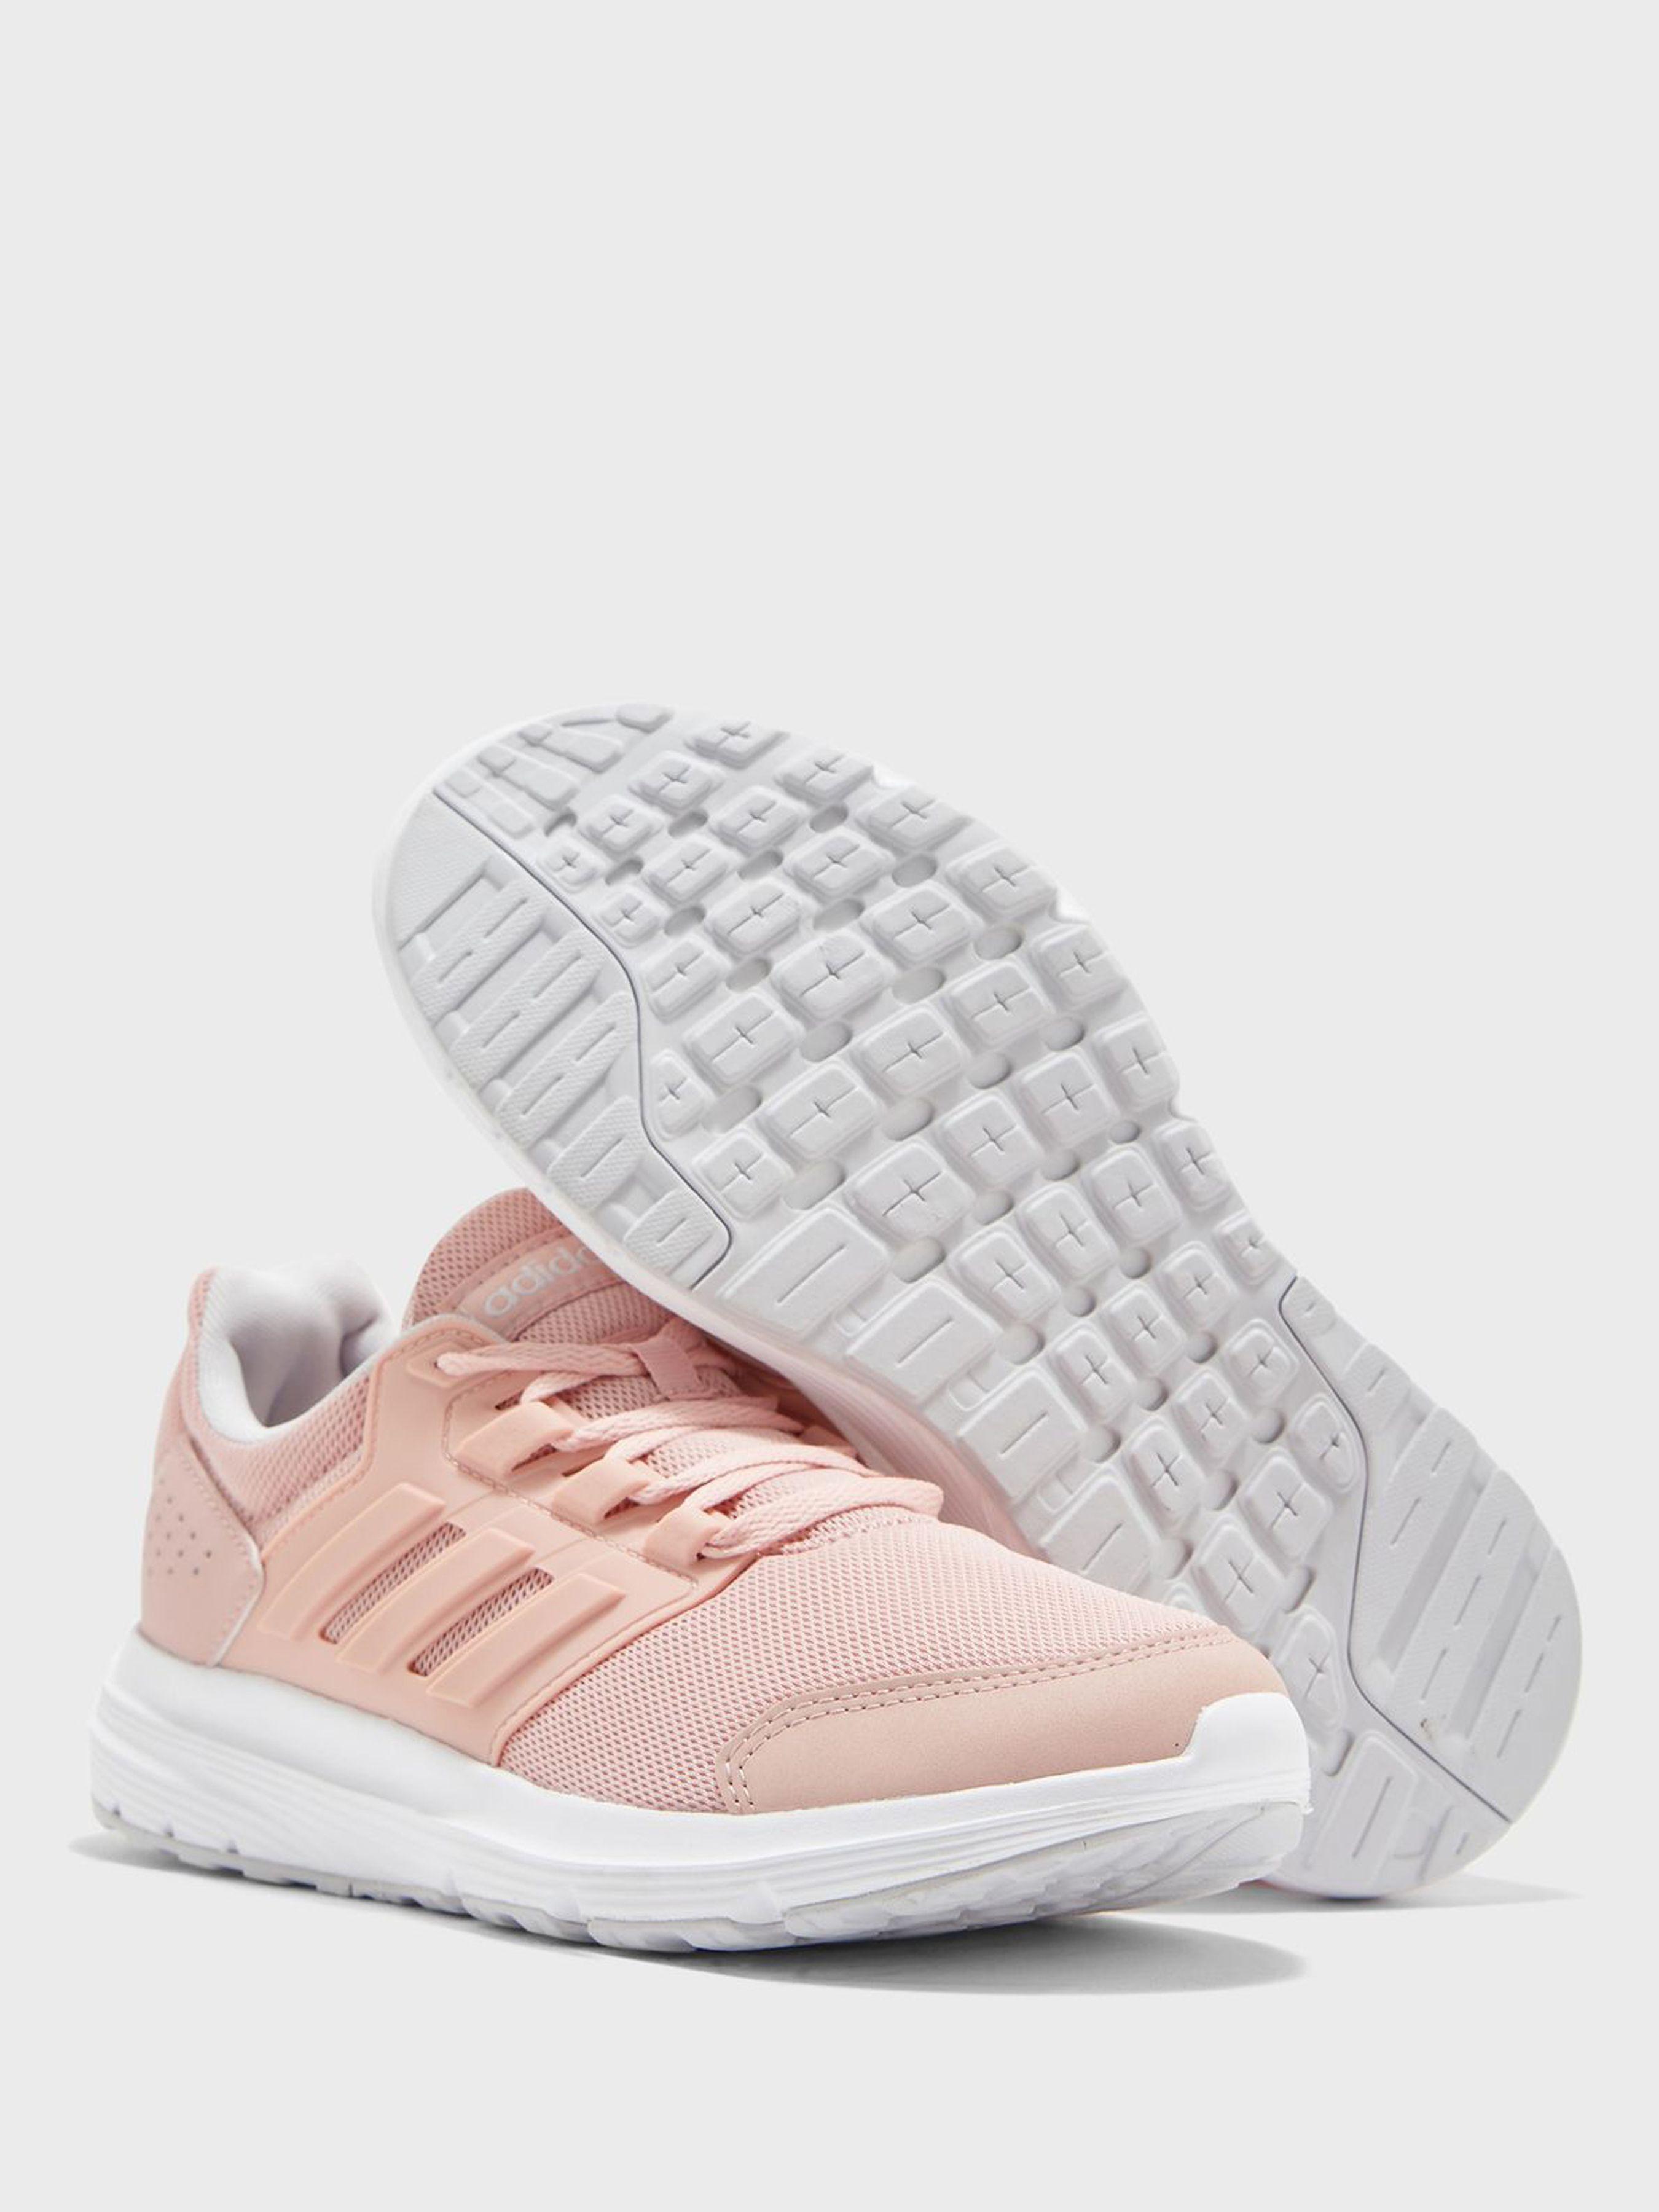 Купить Кроссовки женские Adidas GALAXY 4 CN222, Розовый